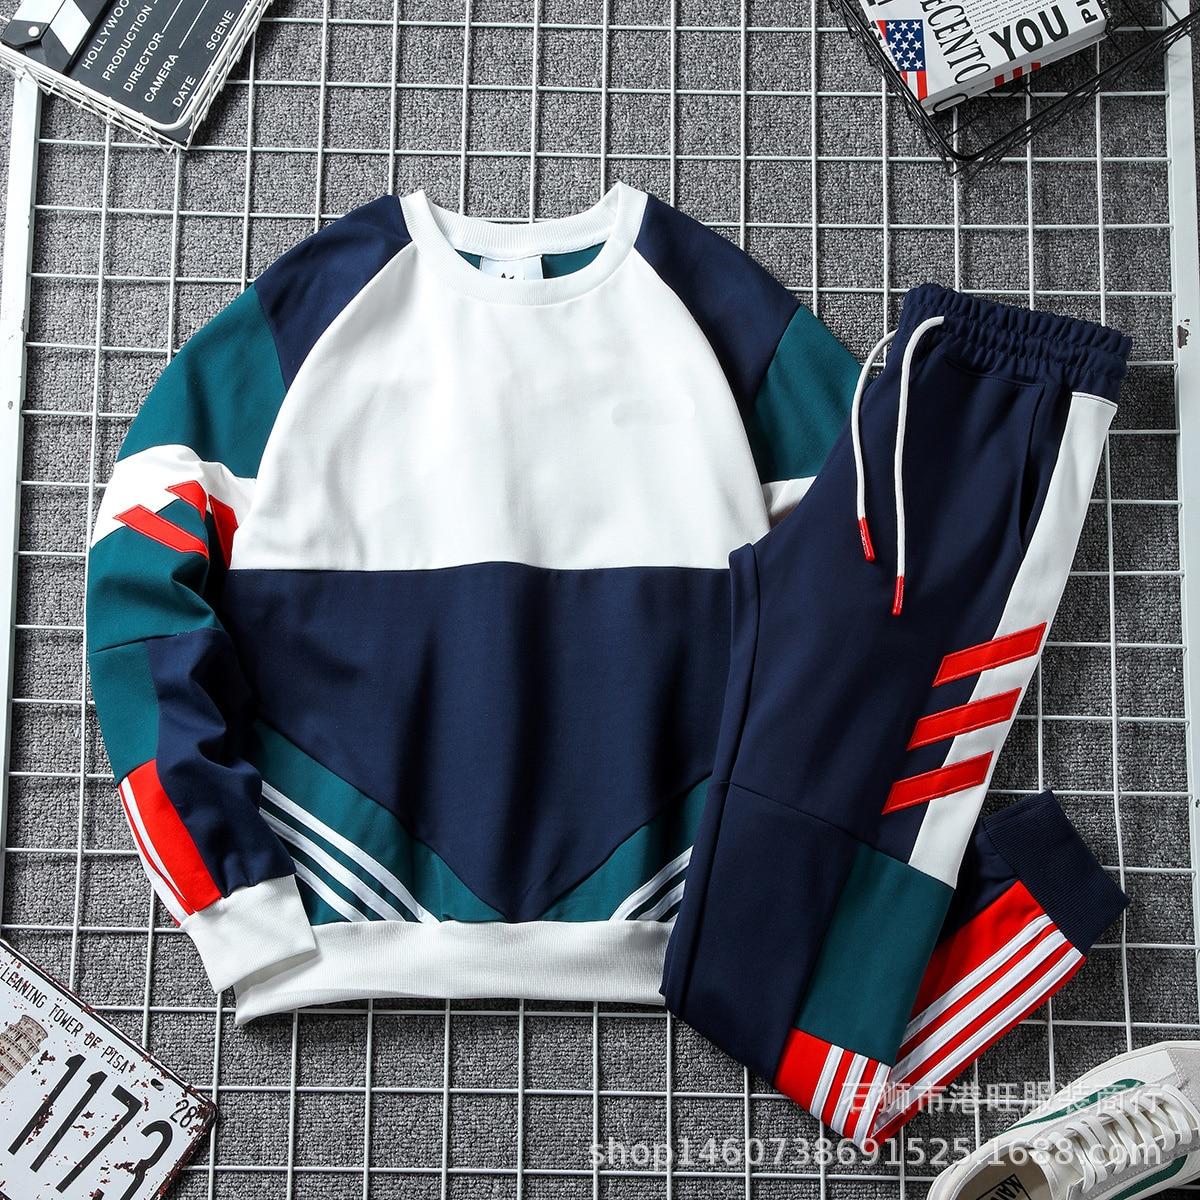 أعواد قطنية شانغ خريف 2021 بدلة رياضية للرجال قميص قطني بكم طويل بدلة ترفيهية ملابس جري 4852 + 3021